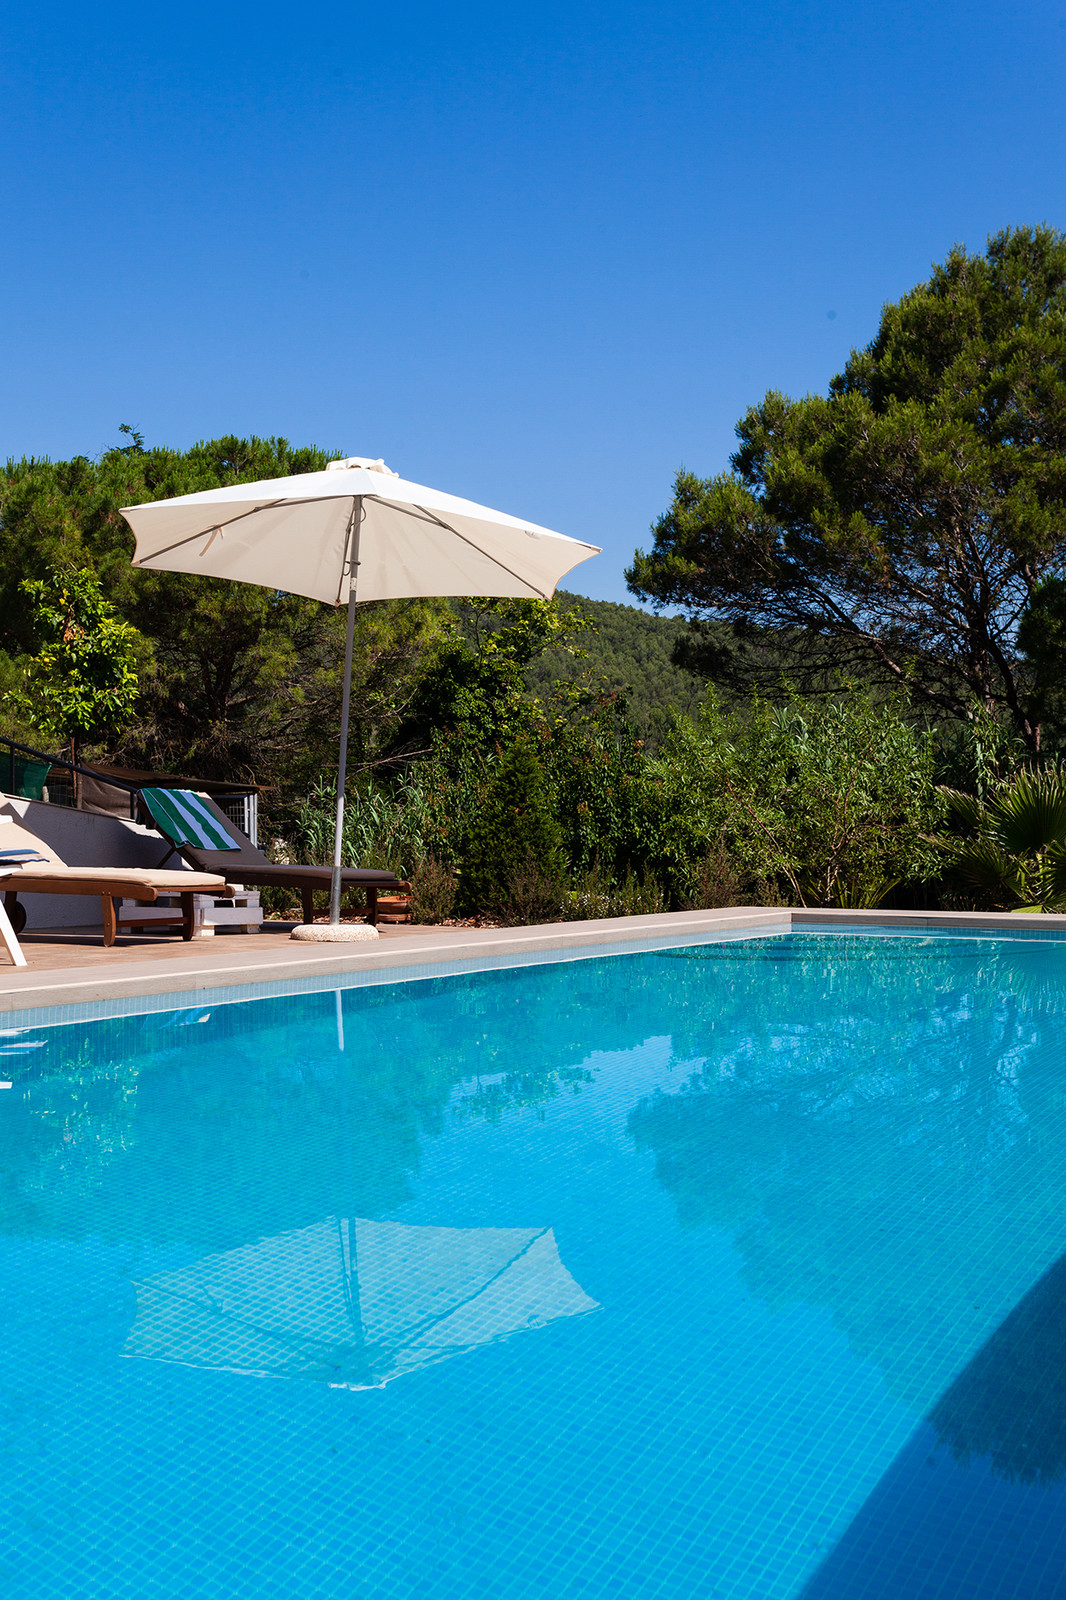 Swimming Pool, Lounge Area